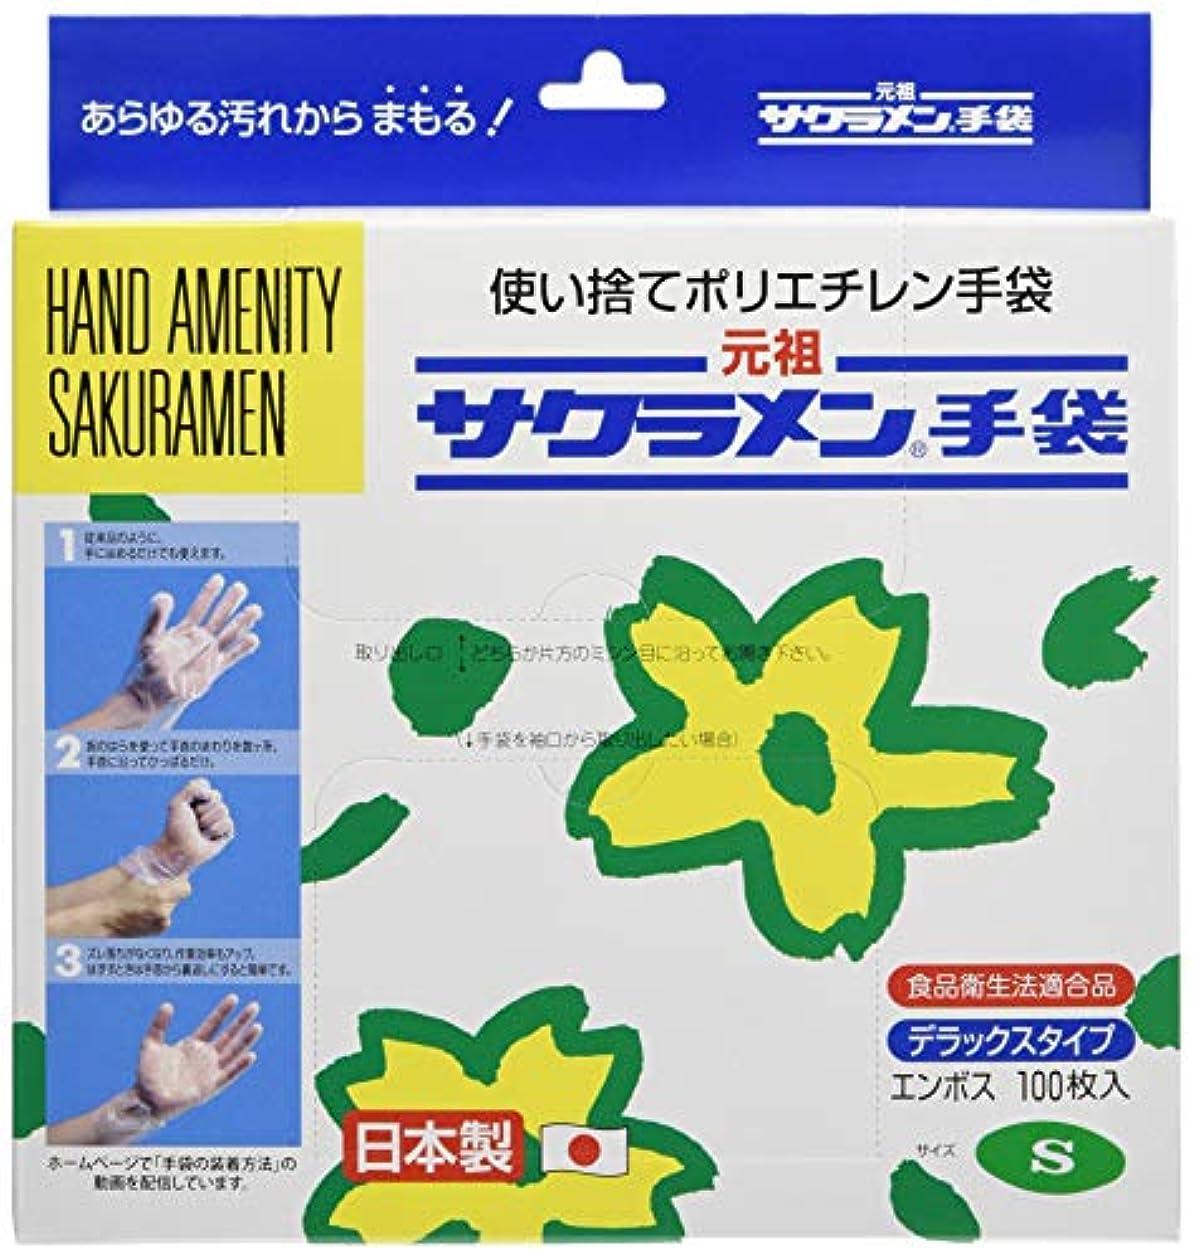 すべきリーフレット消費するサクラメン手袋 デラックス(100枚入)S ピンク 35μ